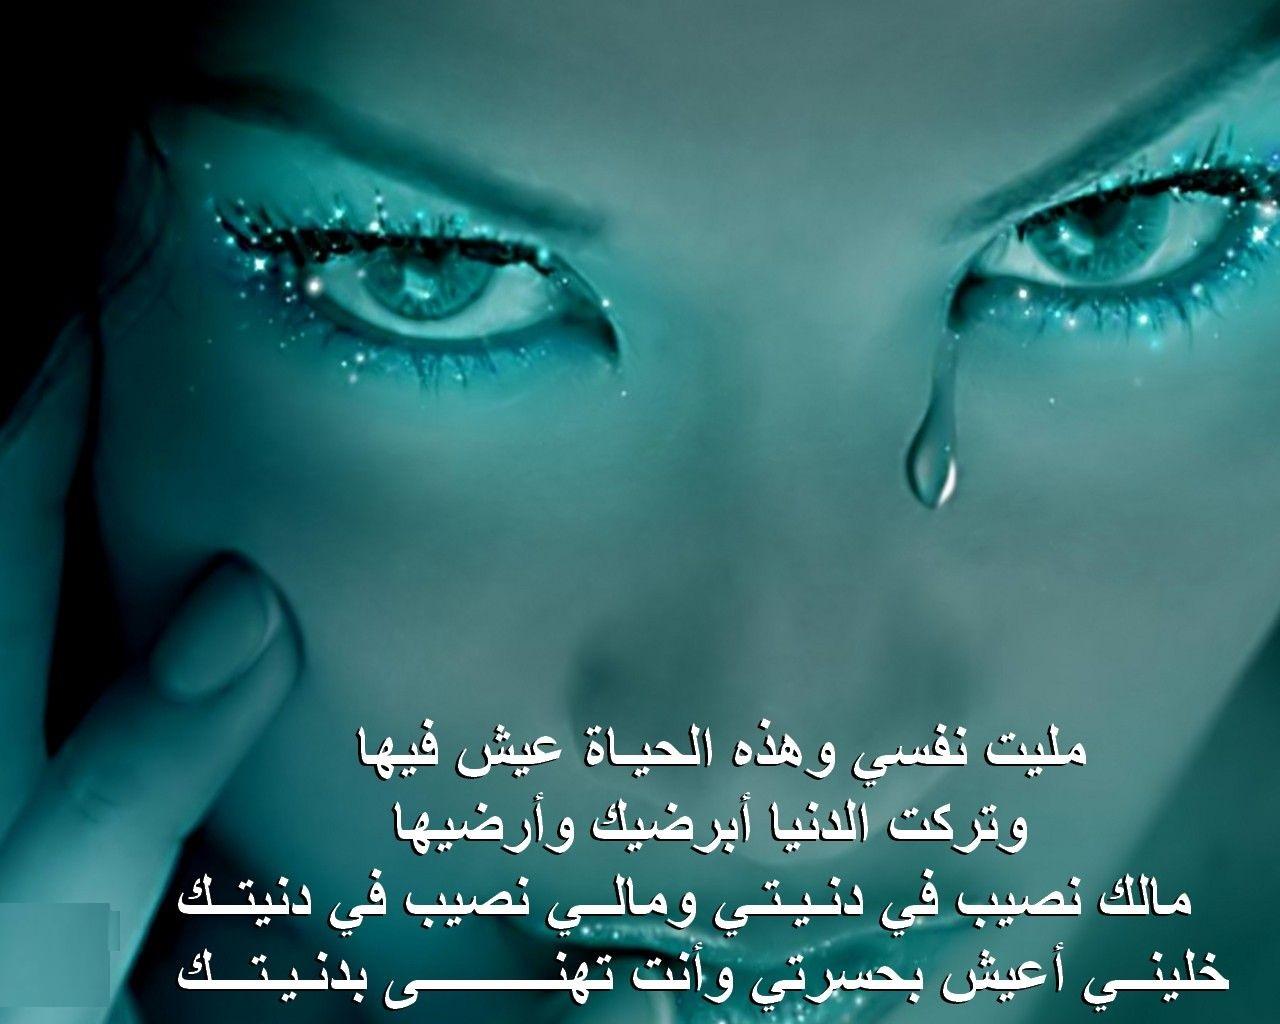 صورة صور ومعاني حزينة , لا تدع حزنك يسطير عليك